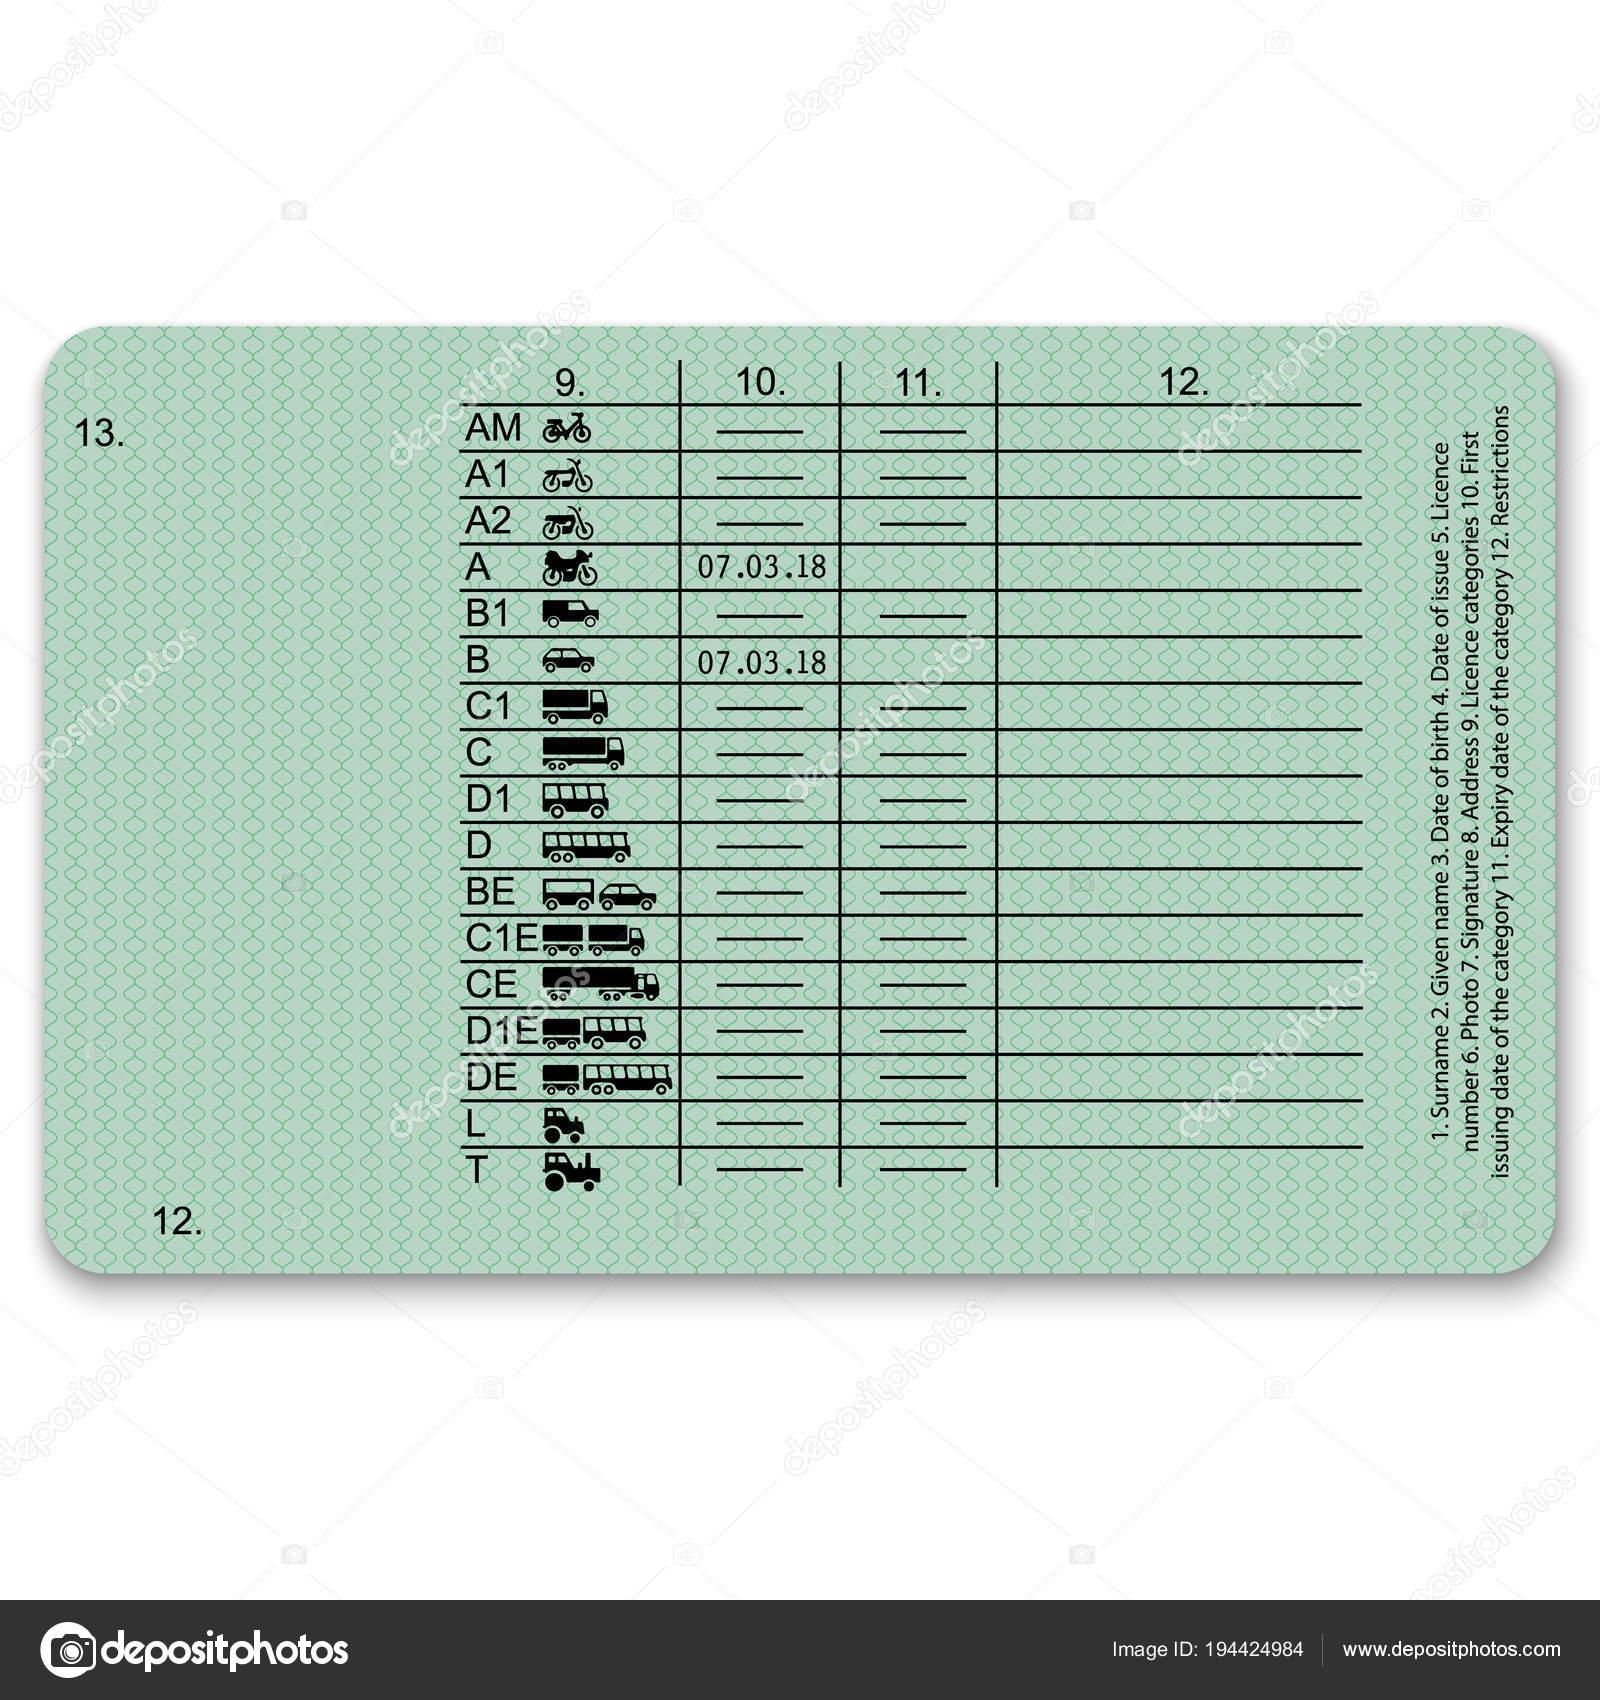 Набор эскиз водительских удостоверений — векторное изображение.